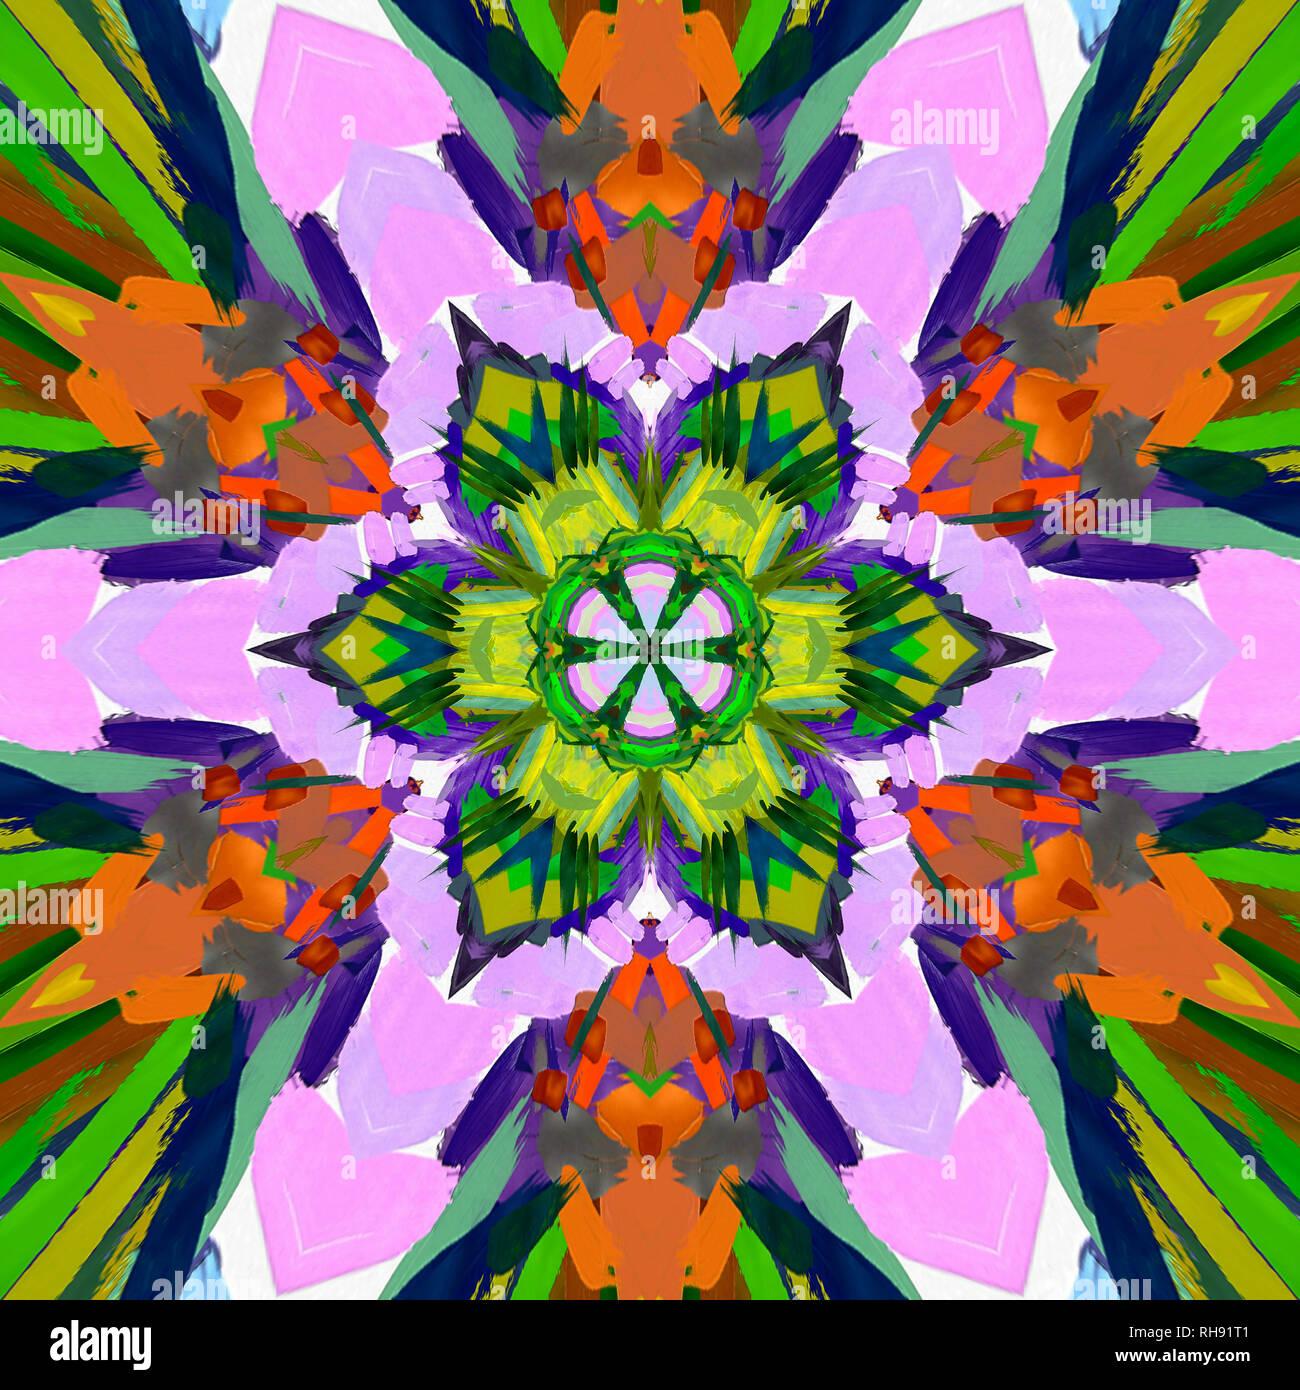 Fraktale Konzeptkunst Abstrakt Design Pattern Artwork